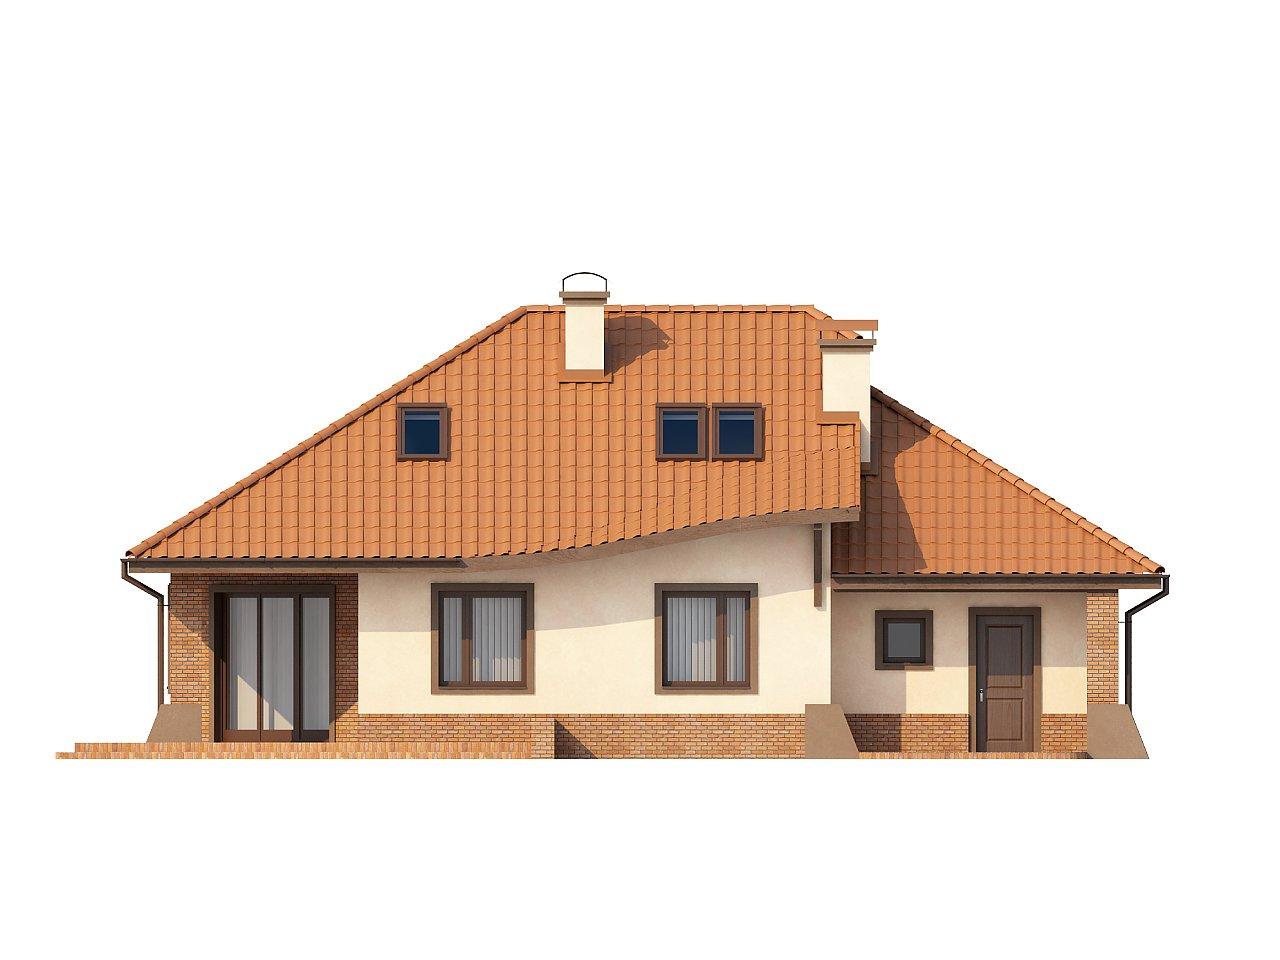 Просторный дом с гаражом, большим хозяйственным помещением и угловой террасой. - фото 4